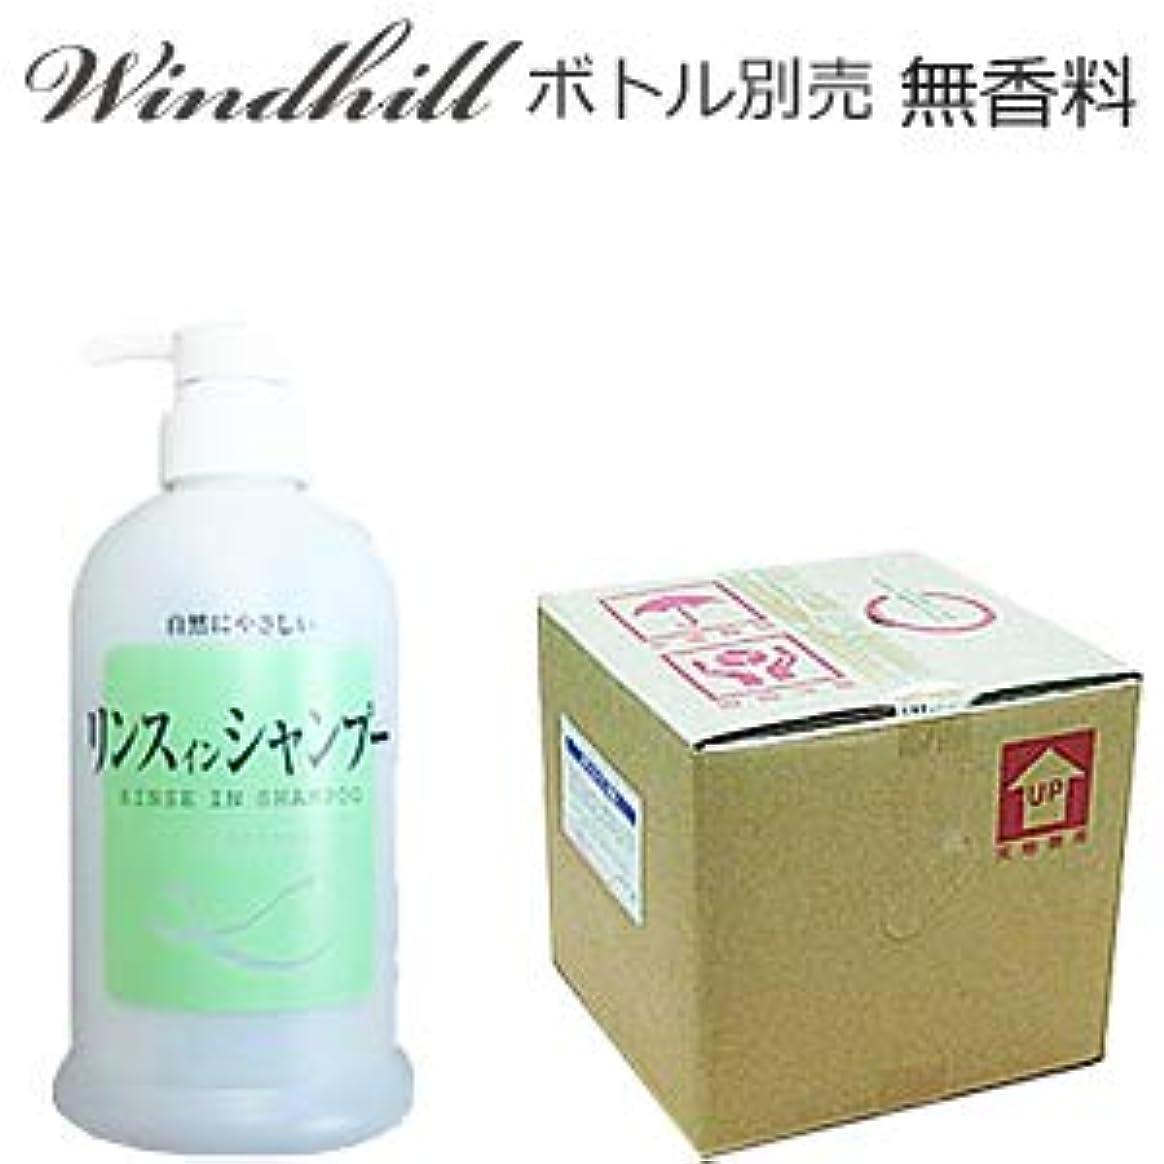 大胆な嘆願刑務所Windhill 植物性 業務用ボディソープ 無香料 20L(1セット20L入)